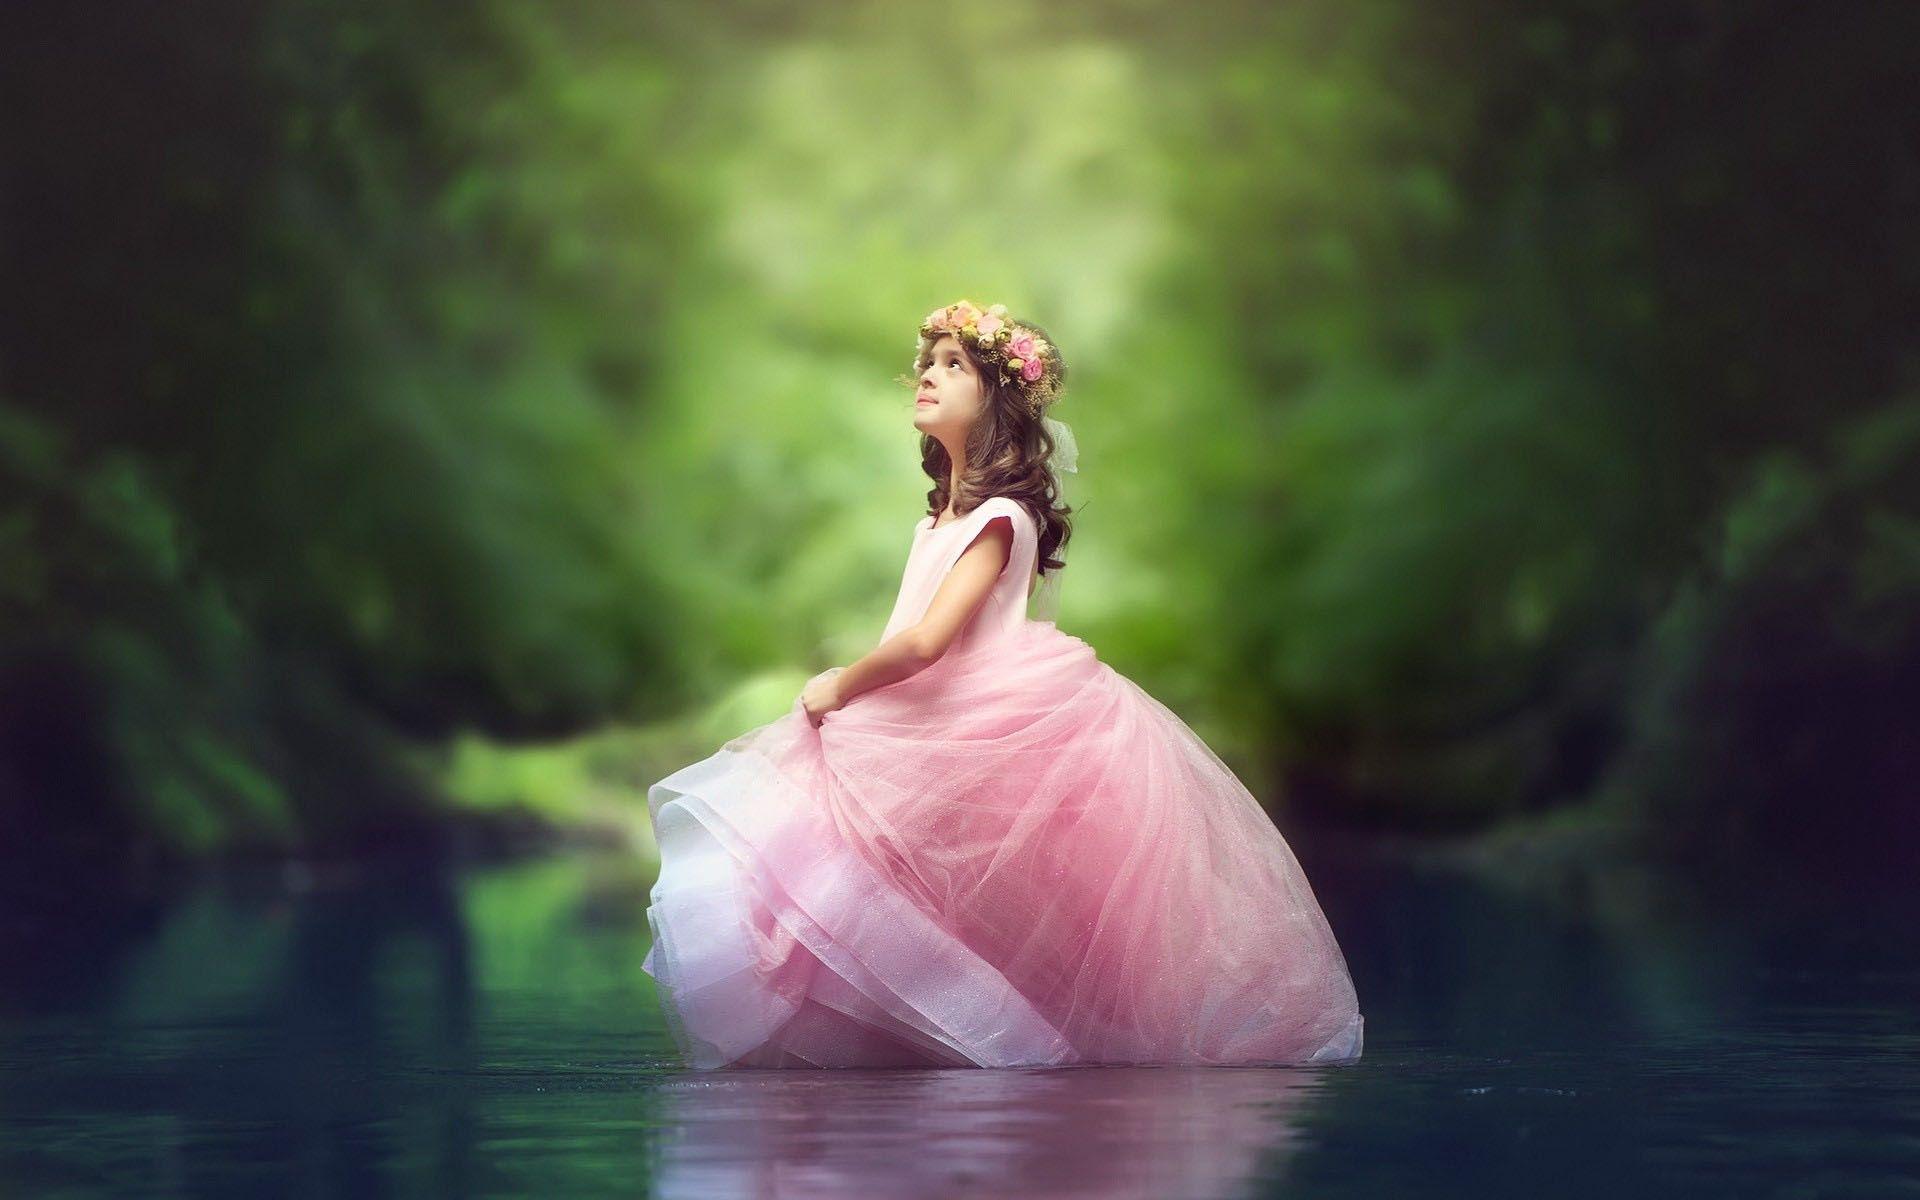 Little Princess Wallpapers Top Hdq Little Princess Images Princess Wallpaper Beautiful Girl Face Cute Girl Wallpaper